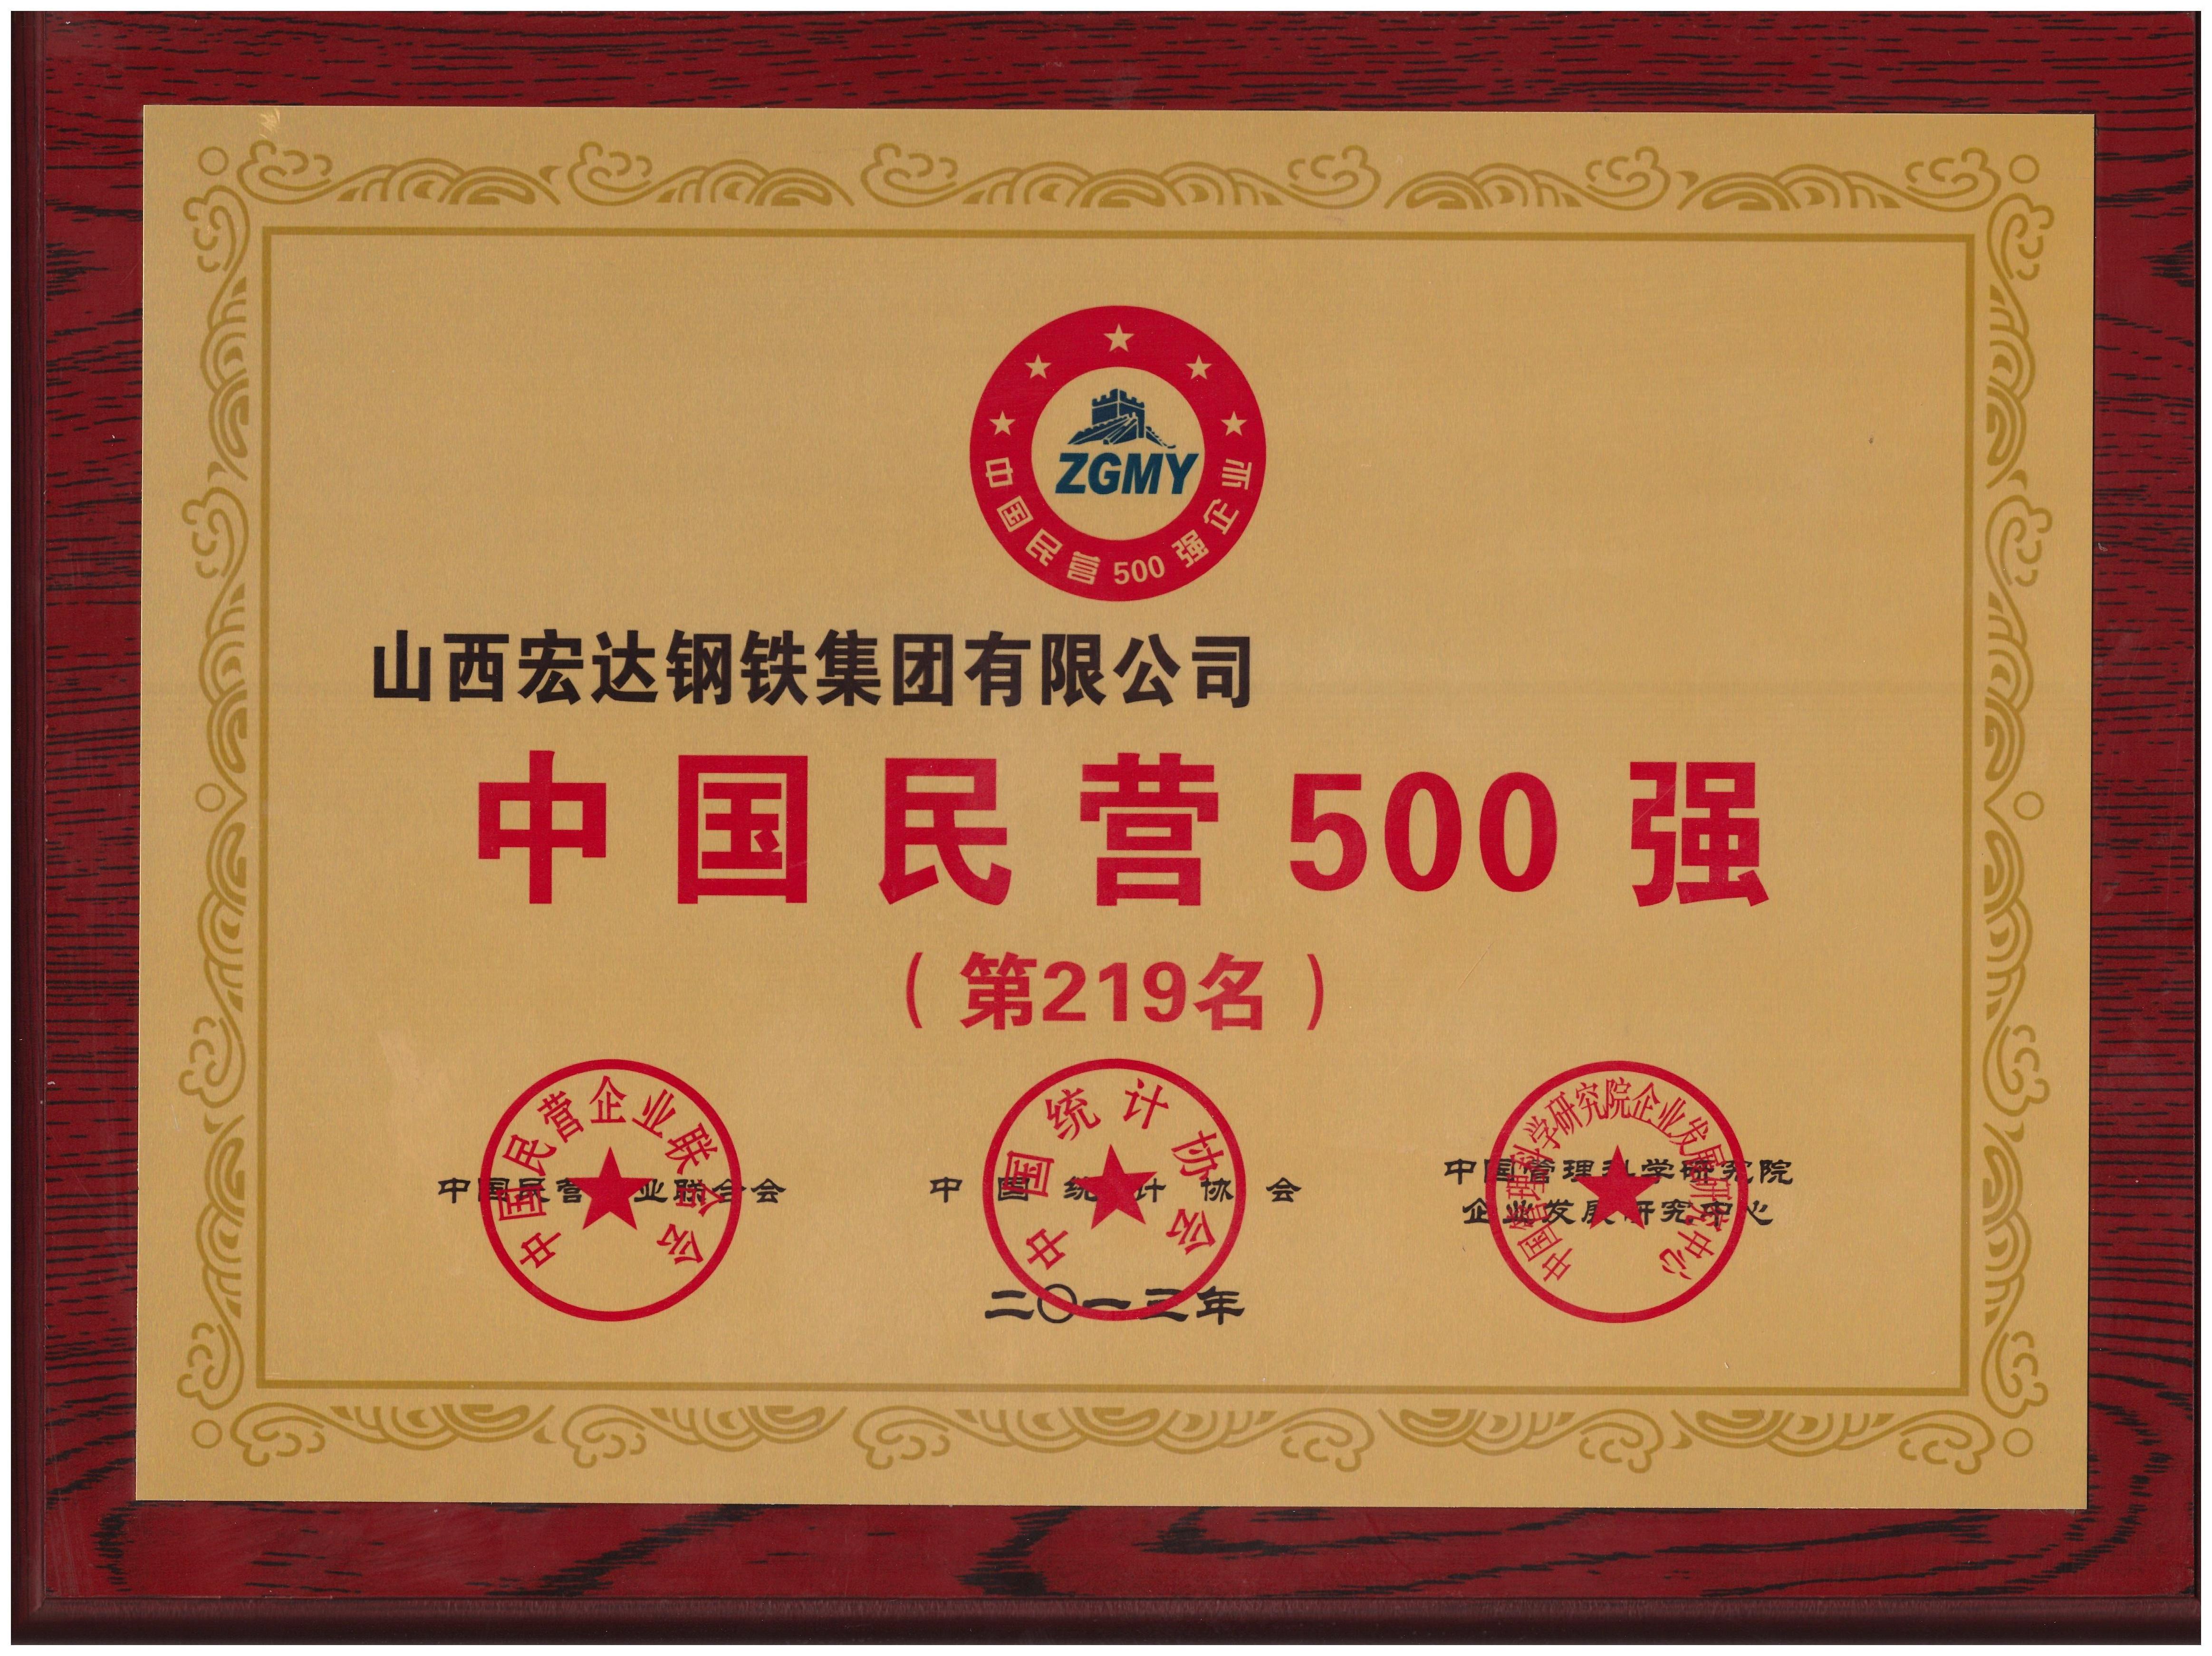 中国民营500强